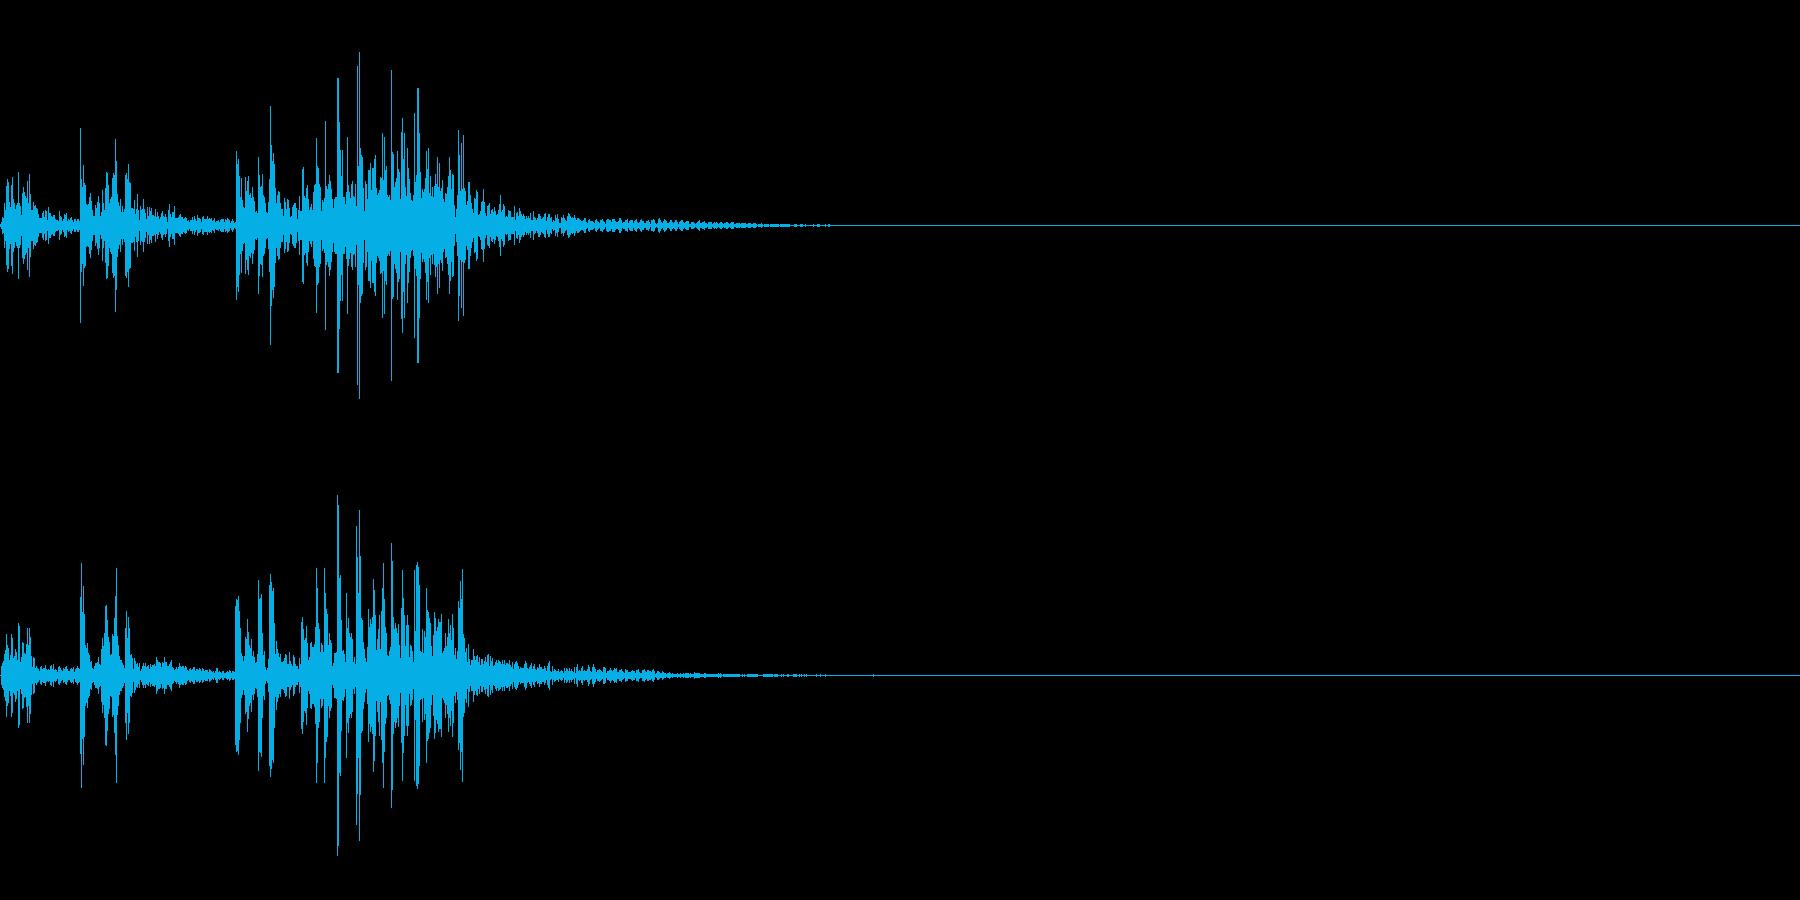 スパーク音-45の再生済みの波形